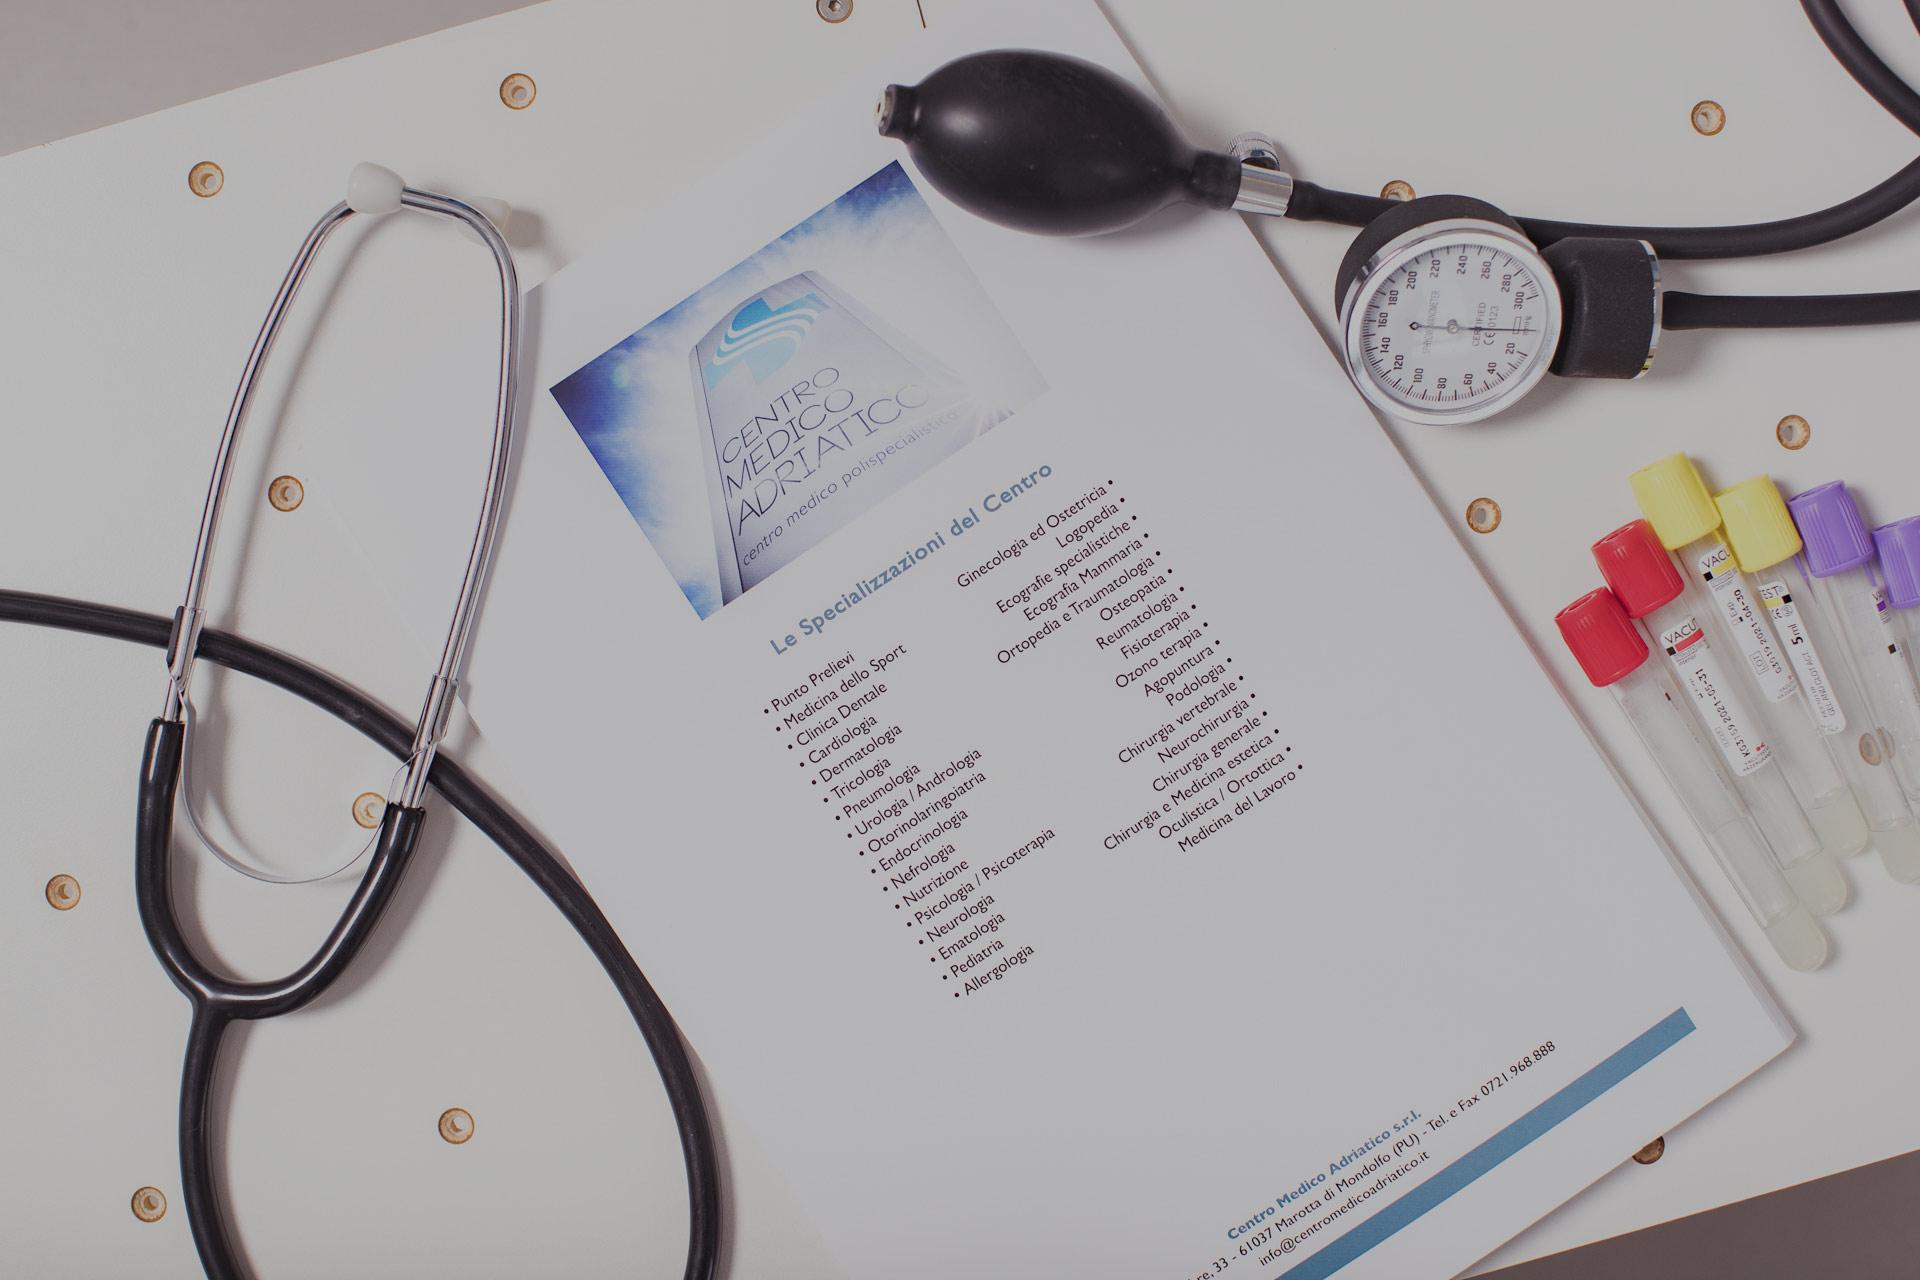 Qualità del servizio, elevate competenze, aggiornamento costante: questi i punti di riferimento e i valori dell'équipe medica.